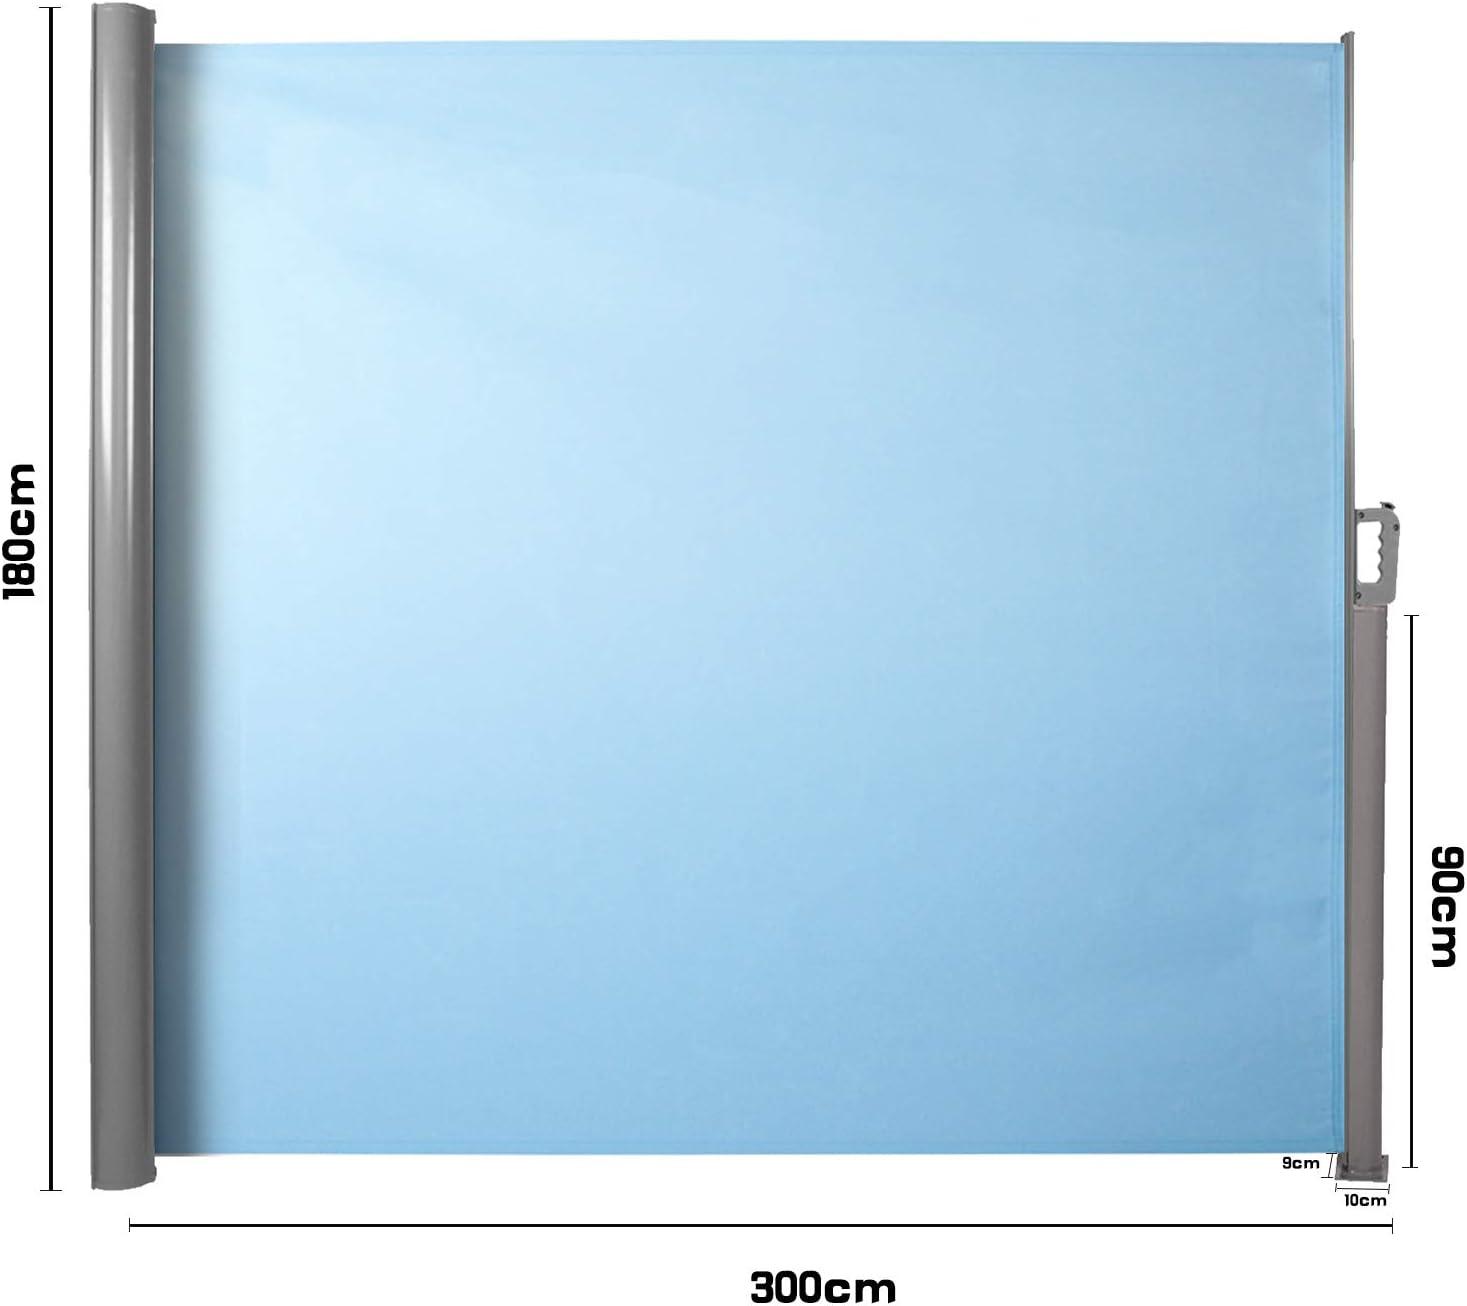 Protezione da Sole da Giardino Tendalino per Patio Terrazzo CCLIFE Tenda da Sole Laterale Alluminio Tenda Paravento per Esterno Dimensione:180x300cm Colore:Azzurro